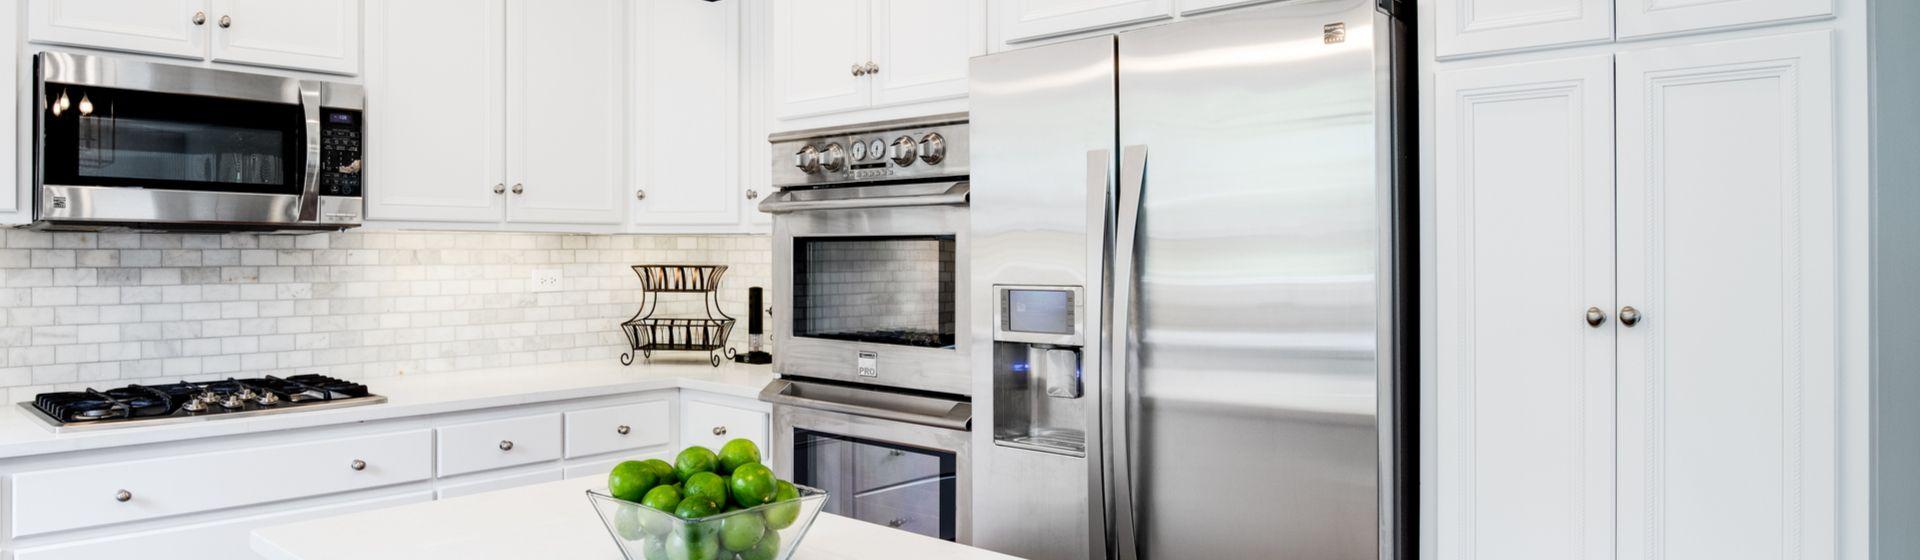 Comprar geladeira frost free: como escolher a melhor opção para a sua cozinha